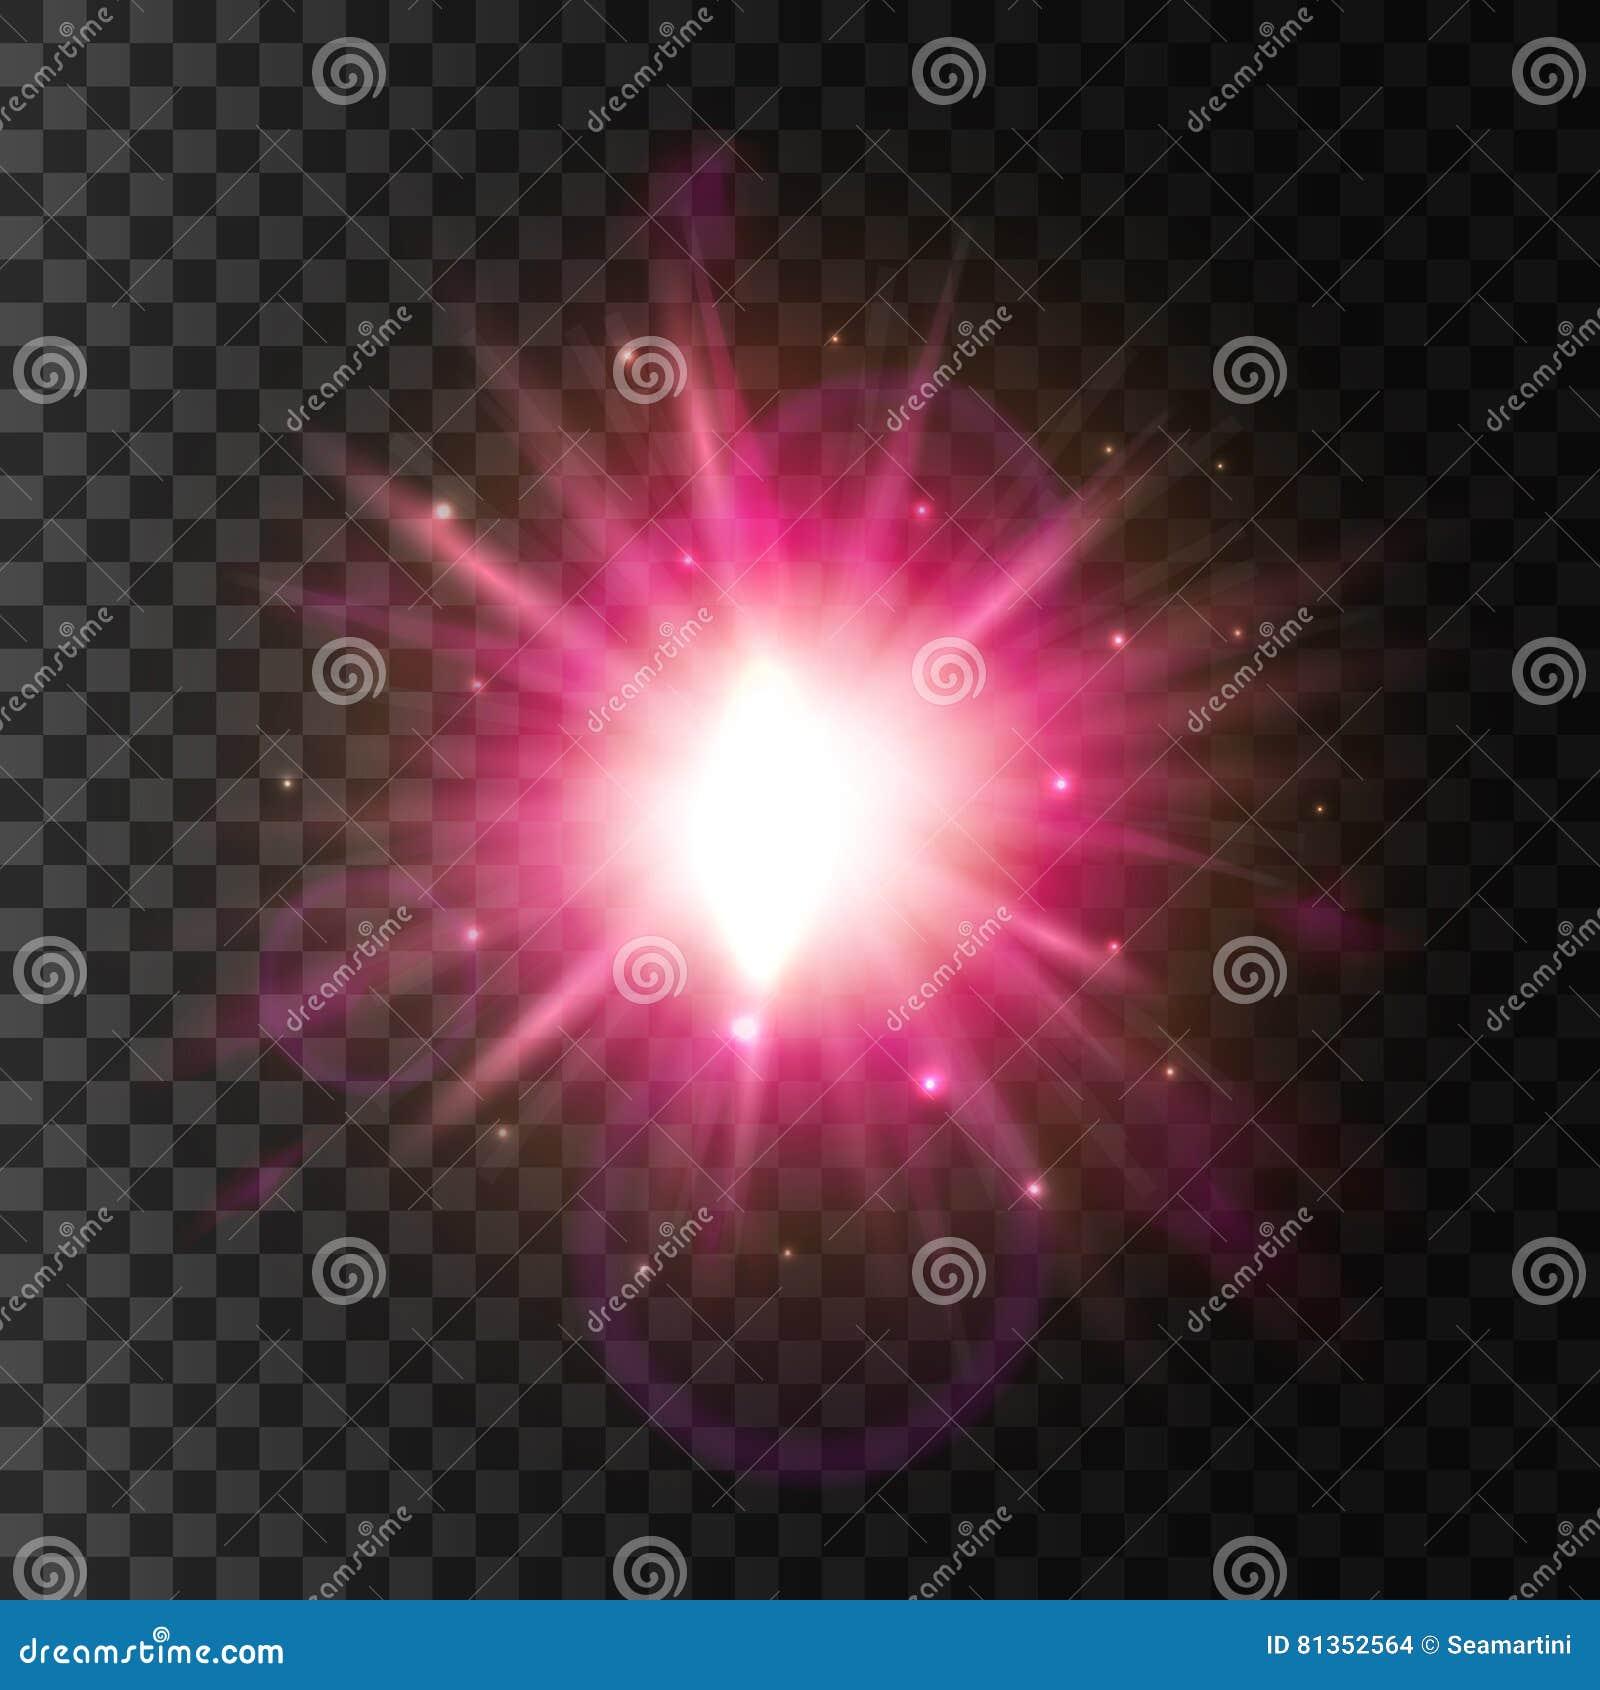 Shining star light. Lens flare sparkling effect